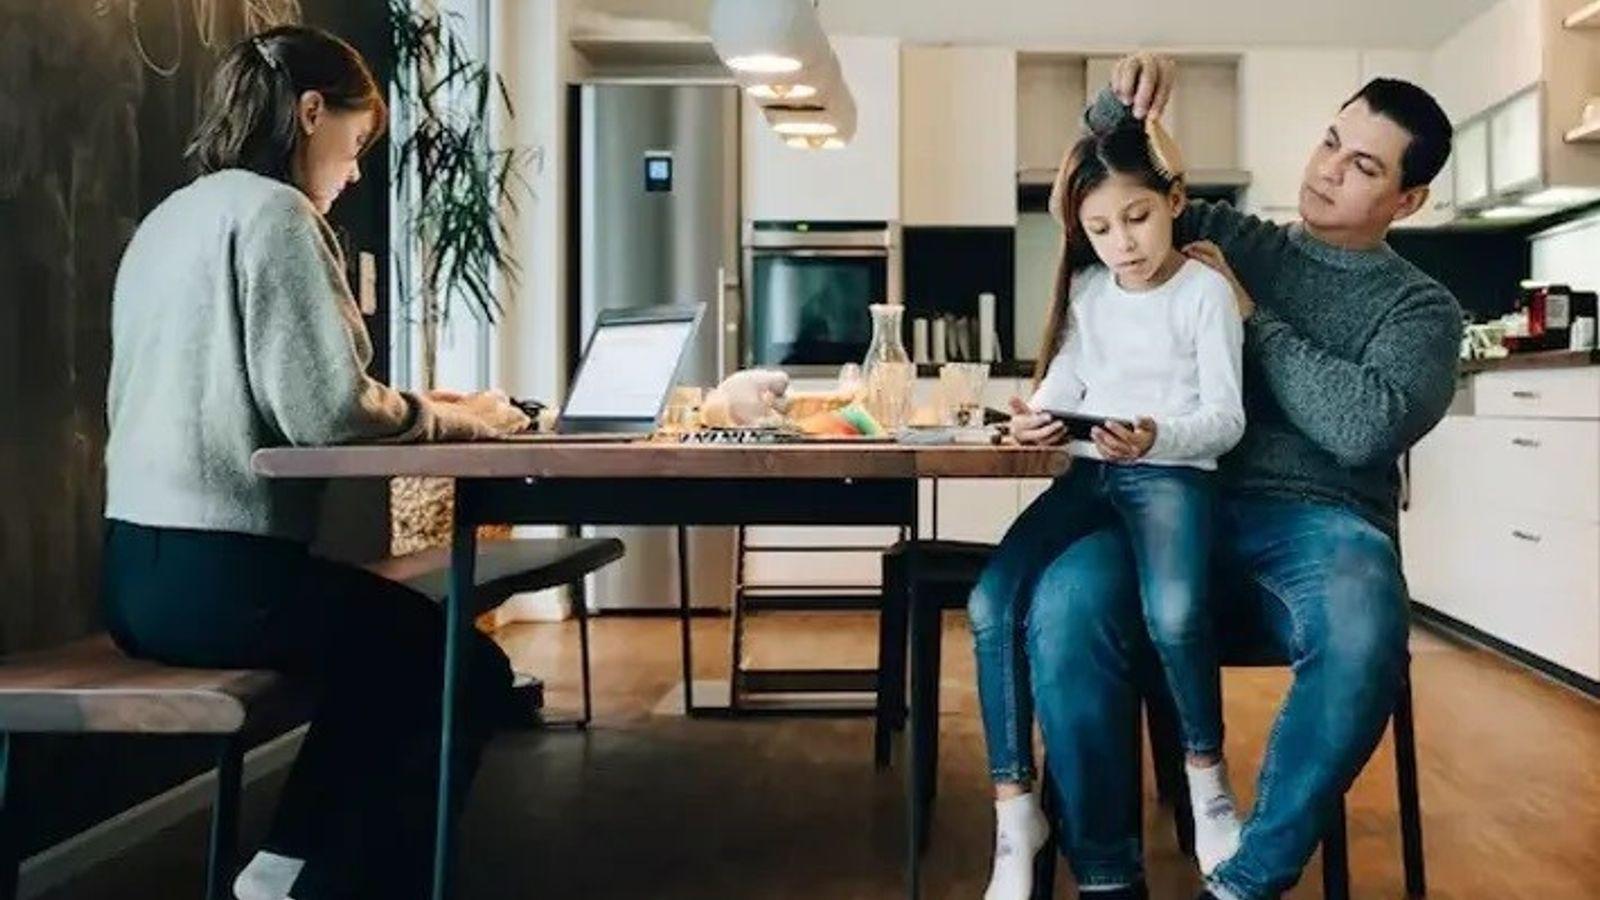 Imagen de una madre trabajando mientras el padre peina a su hija.